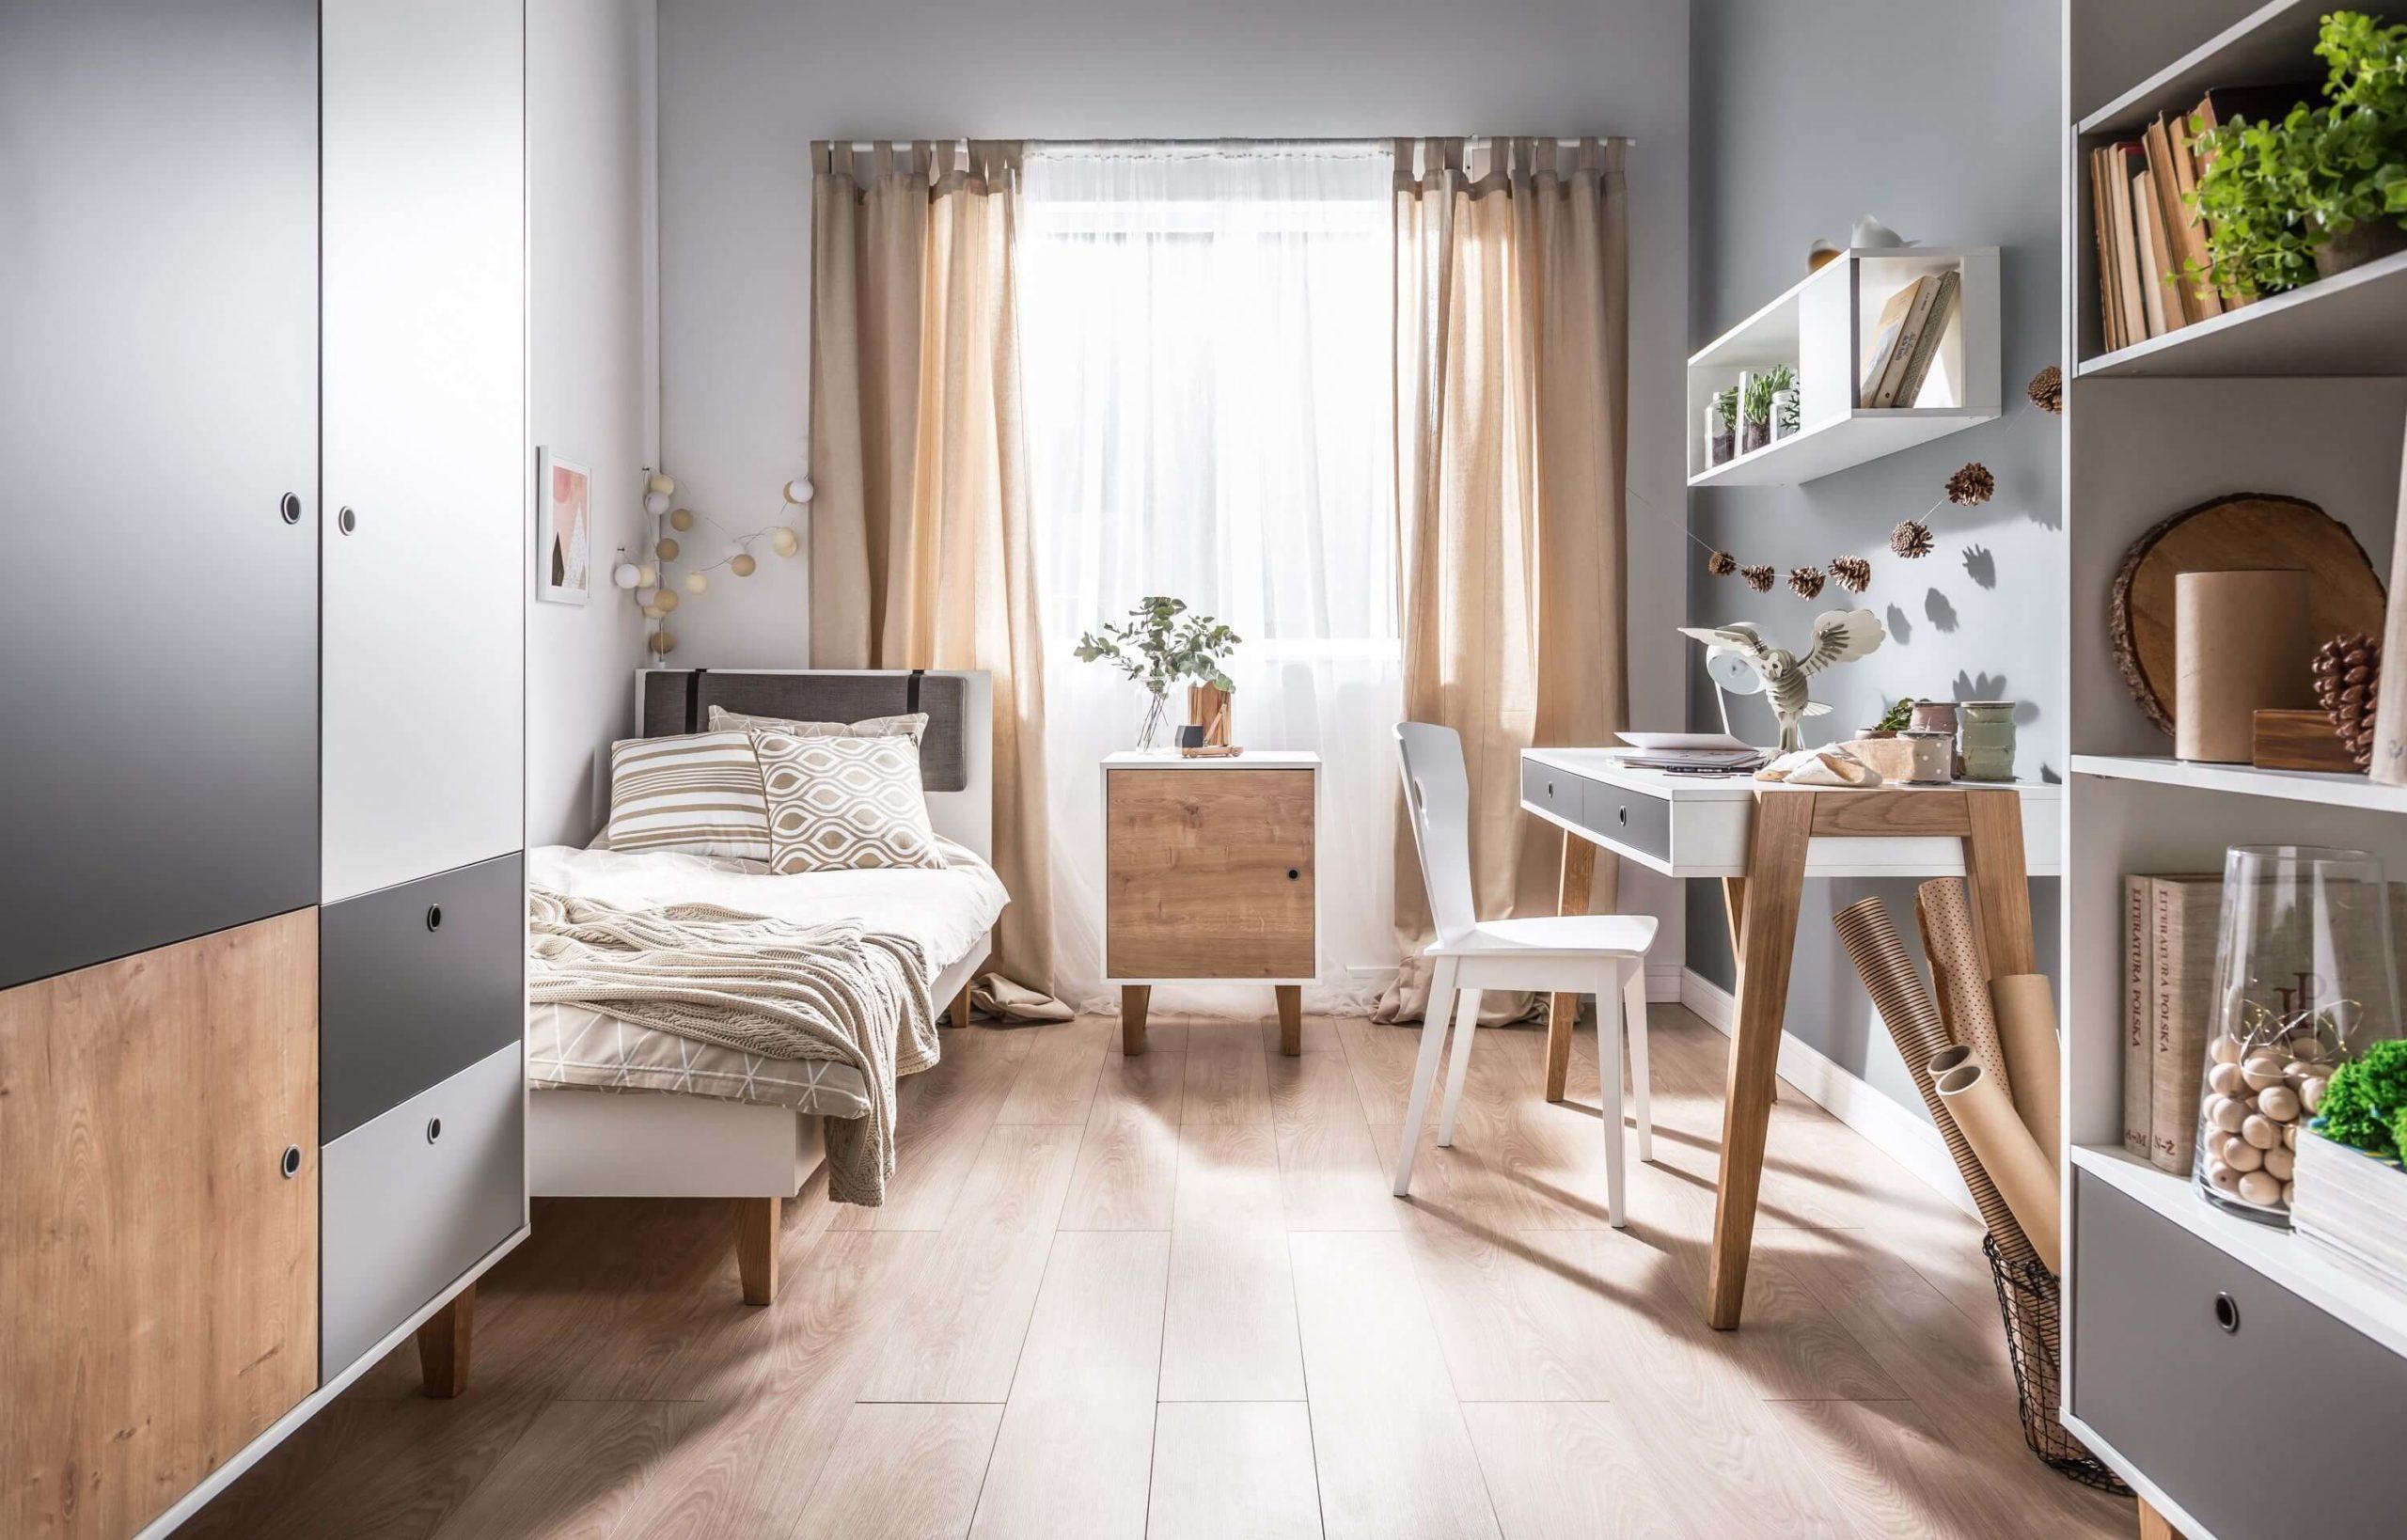 Trang trí nội thất nhà nhỏ